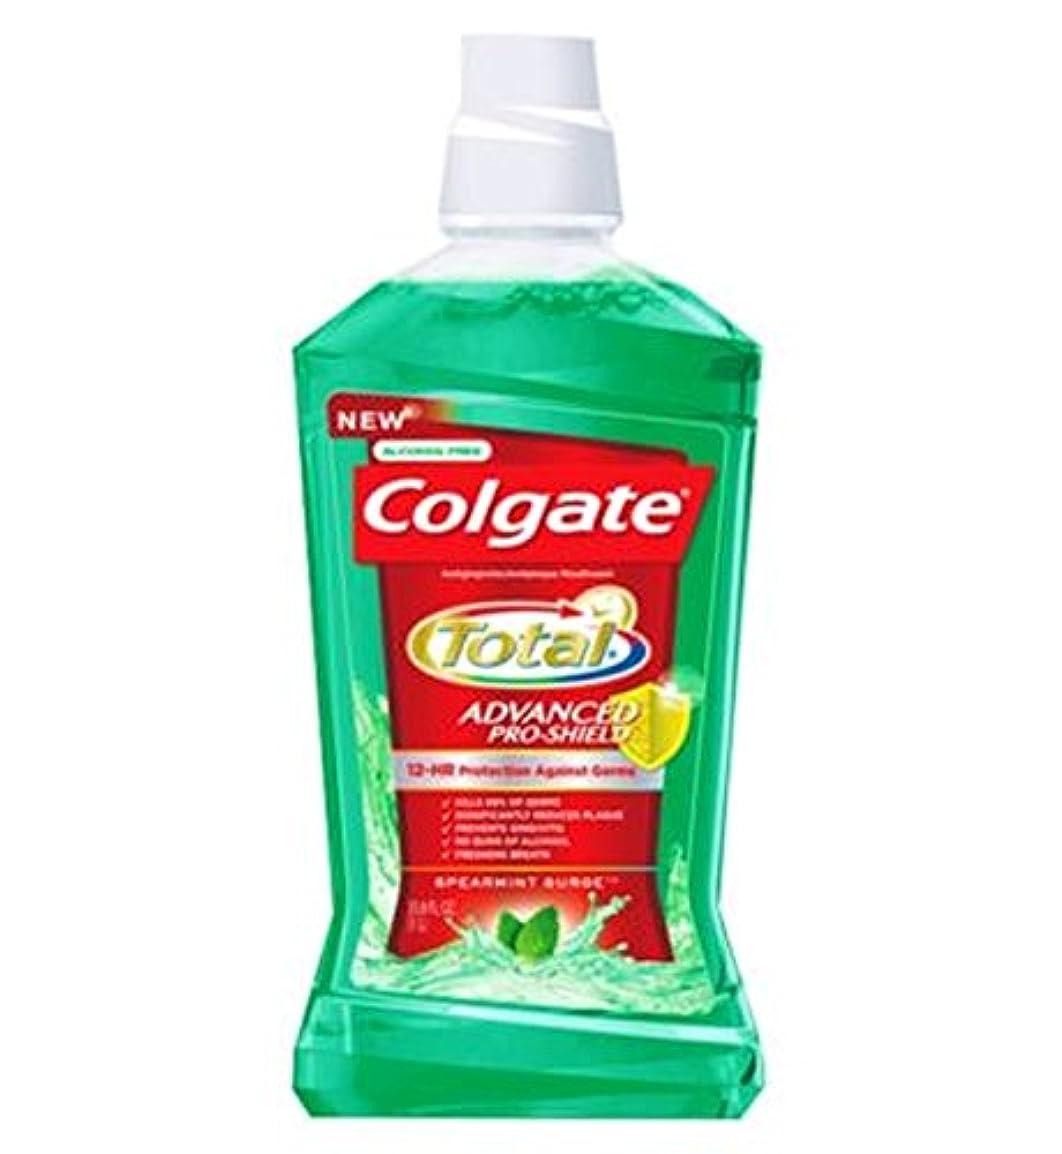 名目上のストッキング睡眠コルゲートの口内洗浄剤の合計緑500ミリリットル (Colgate) (x2) - Colgate Mouthrinse Total Green 500ml (Pack of 2) [並行輸入品]